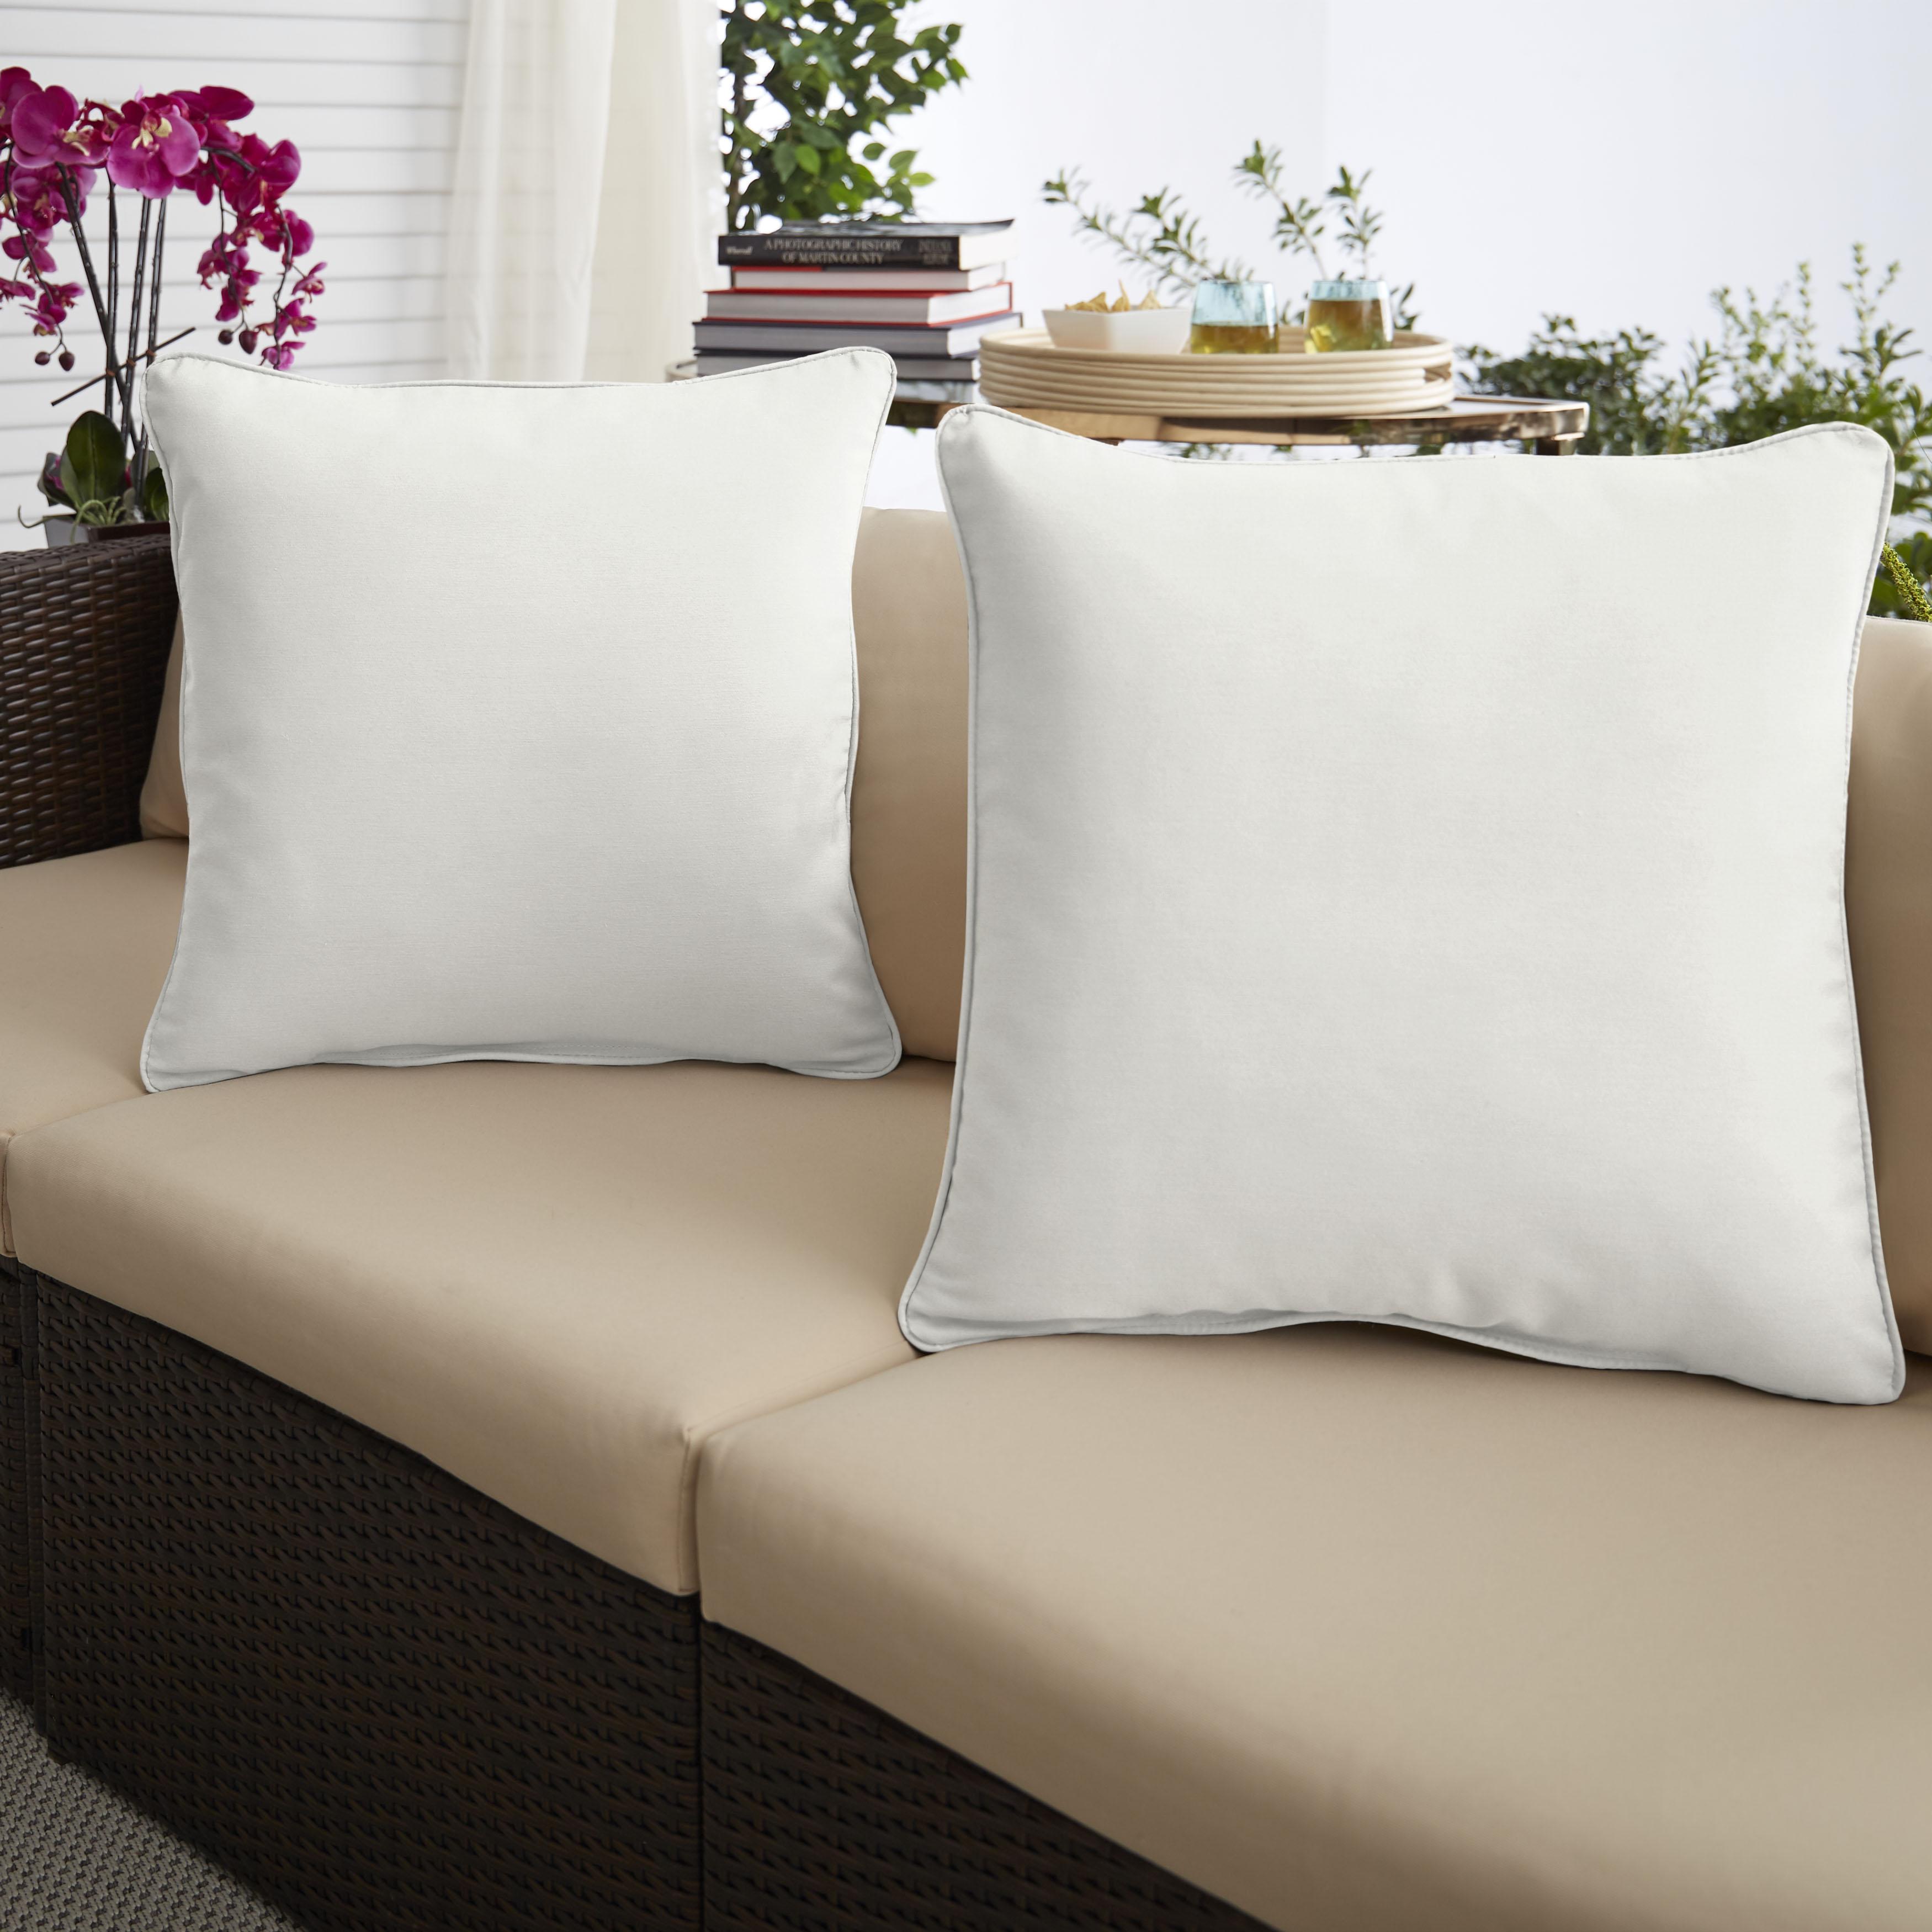 Sunbrella Canvas Natural Set of 2 Outdoor Pillows